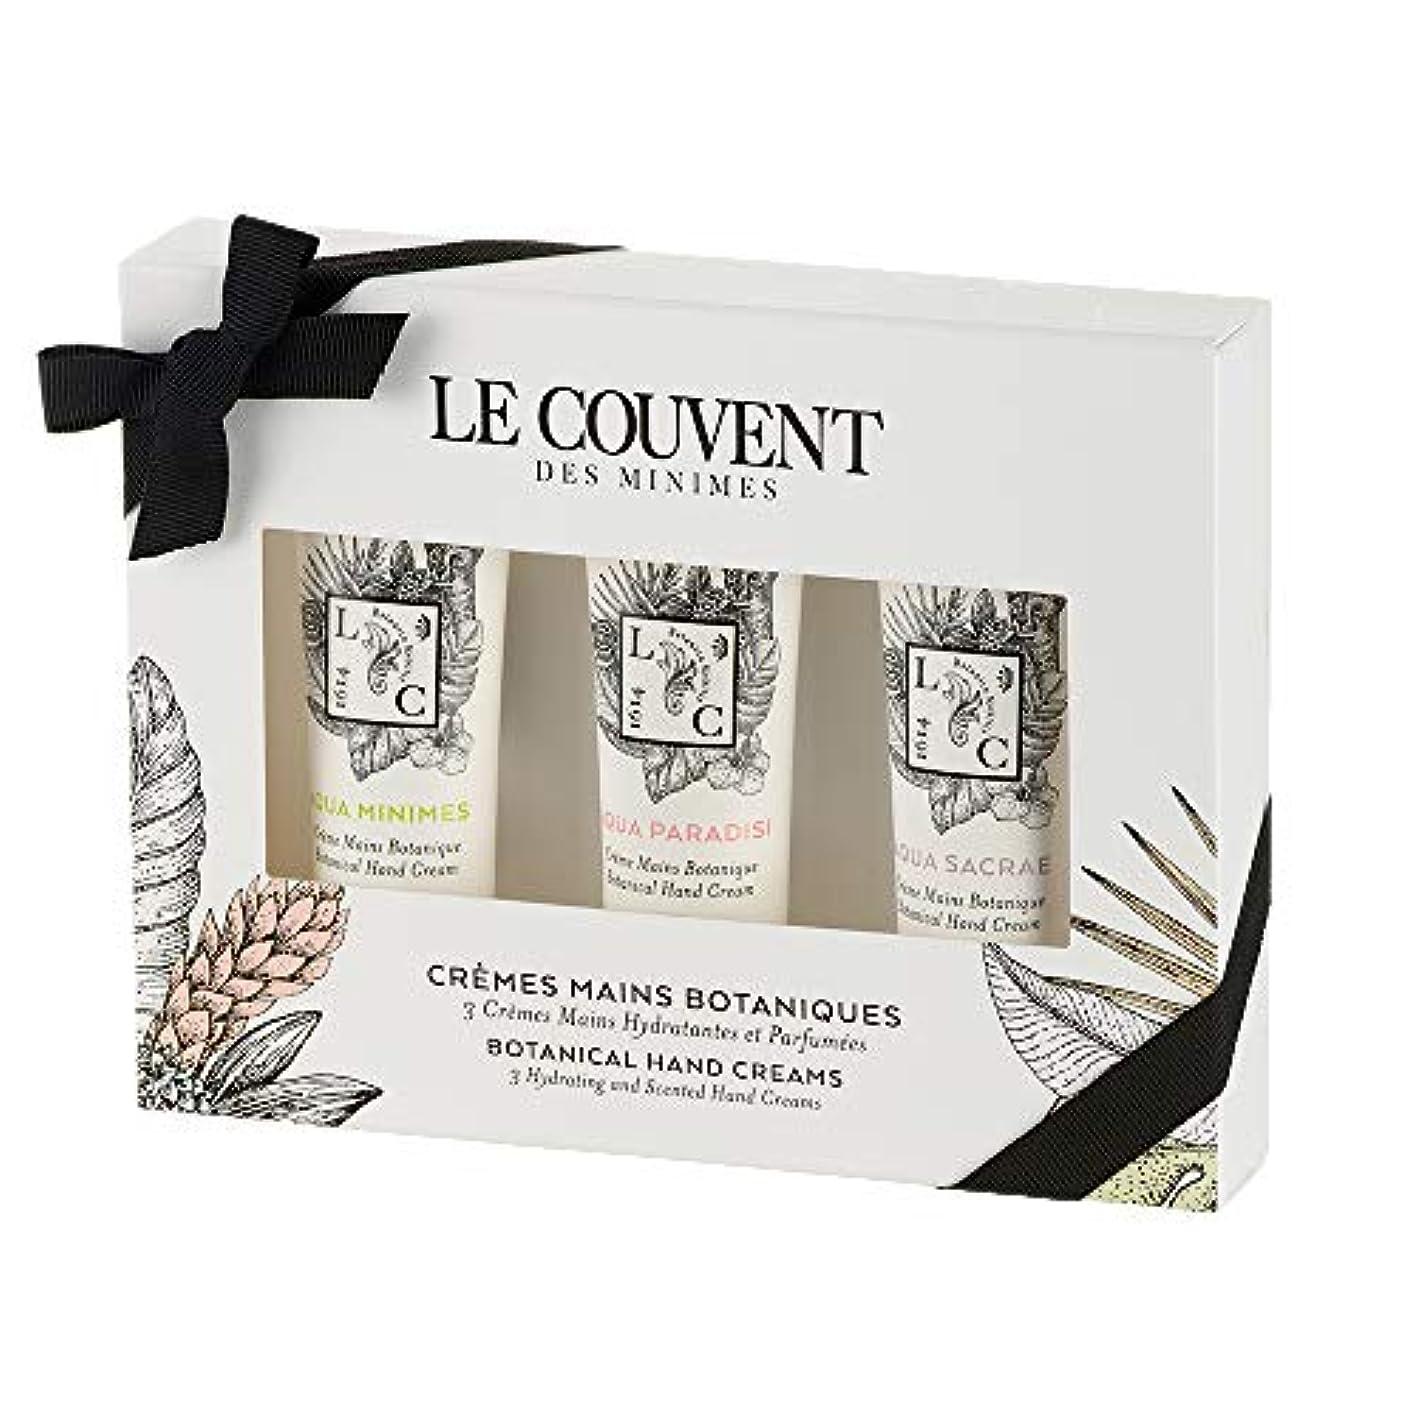 診断する後悔に沿ってクヴォン?デ?ミニム(Le Couvent des Minimes) ボタニカル ハンドクリームセット アクアミニム ハンドクリーム、アクアパラディシ ハンドクリーム、アクアサクラエ ハンドクリーム 各30mL